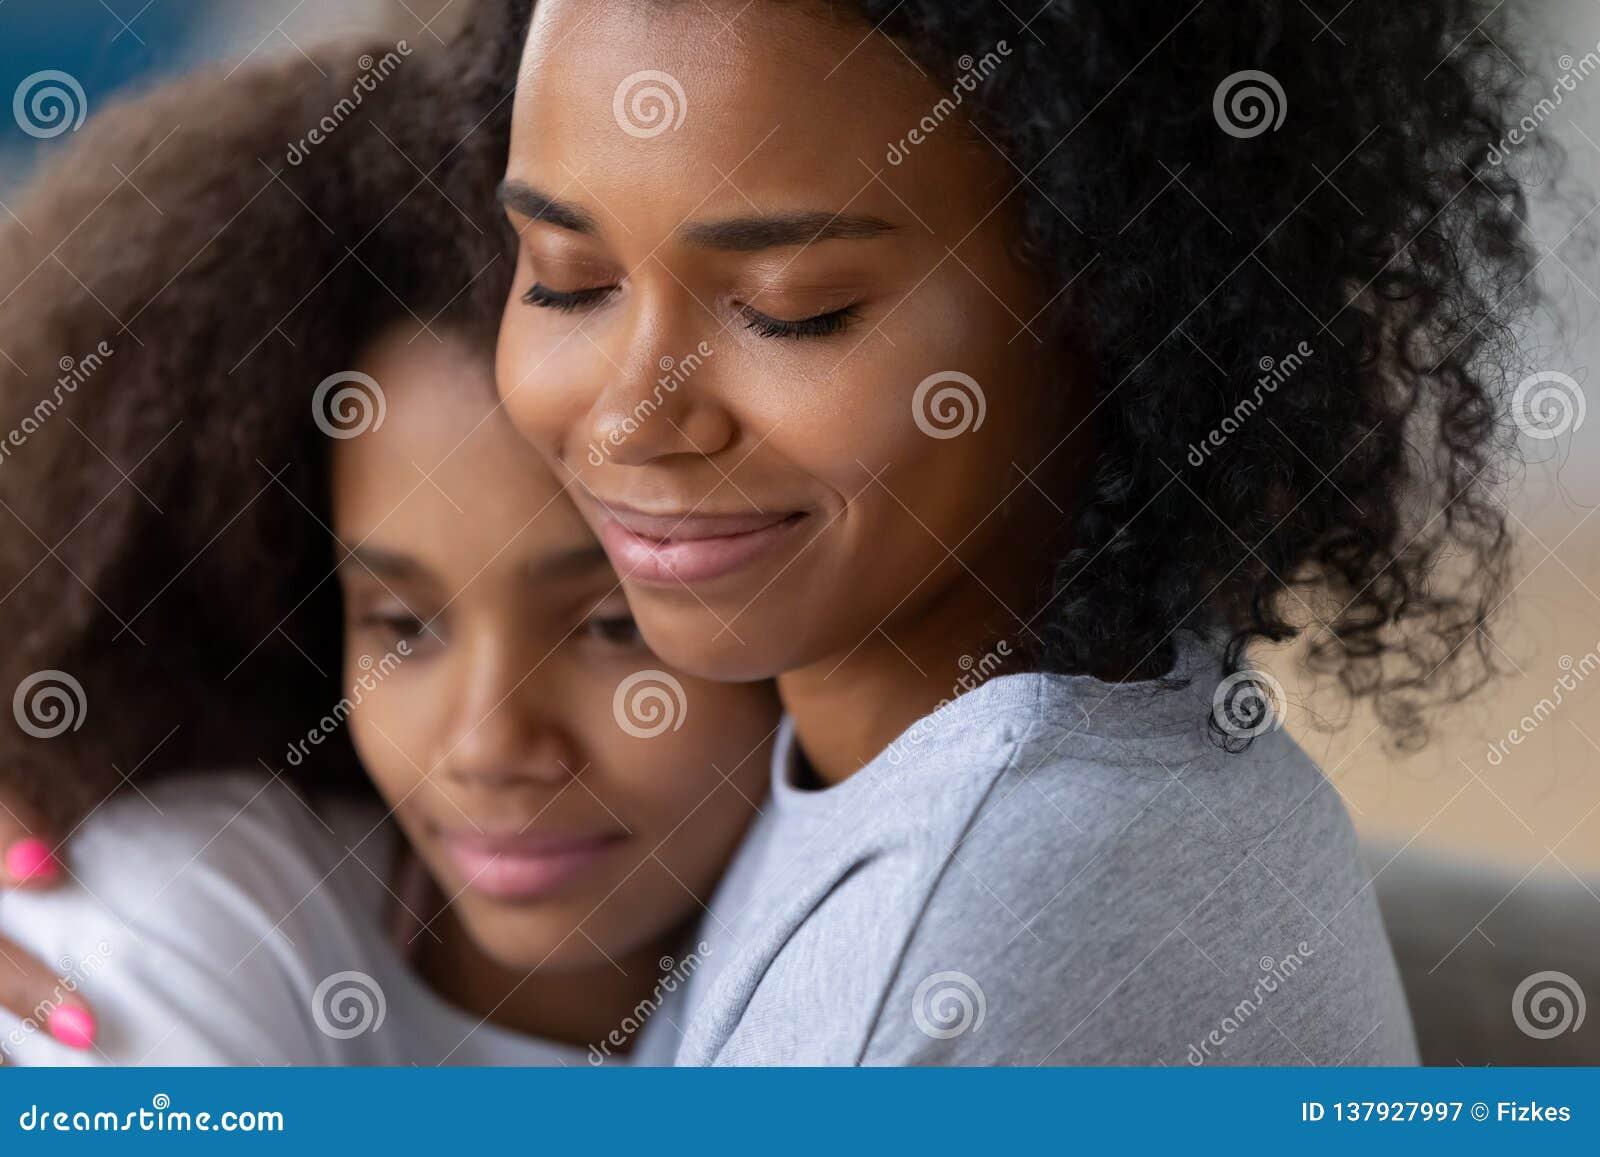 Little girls love sex